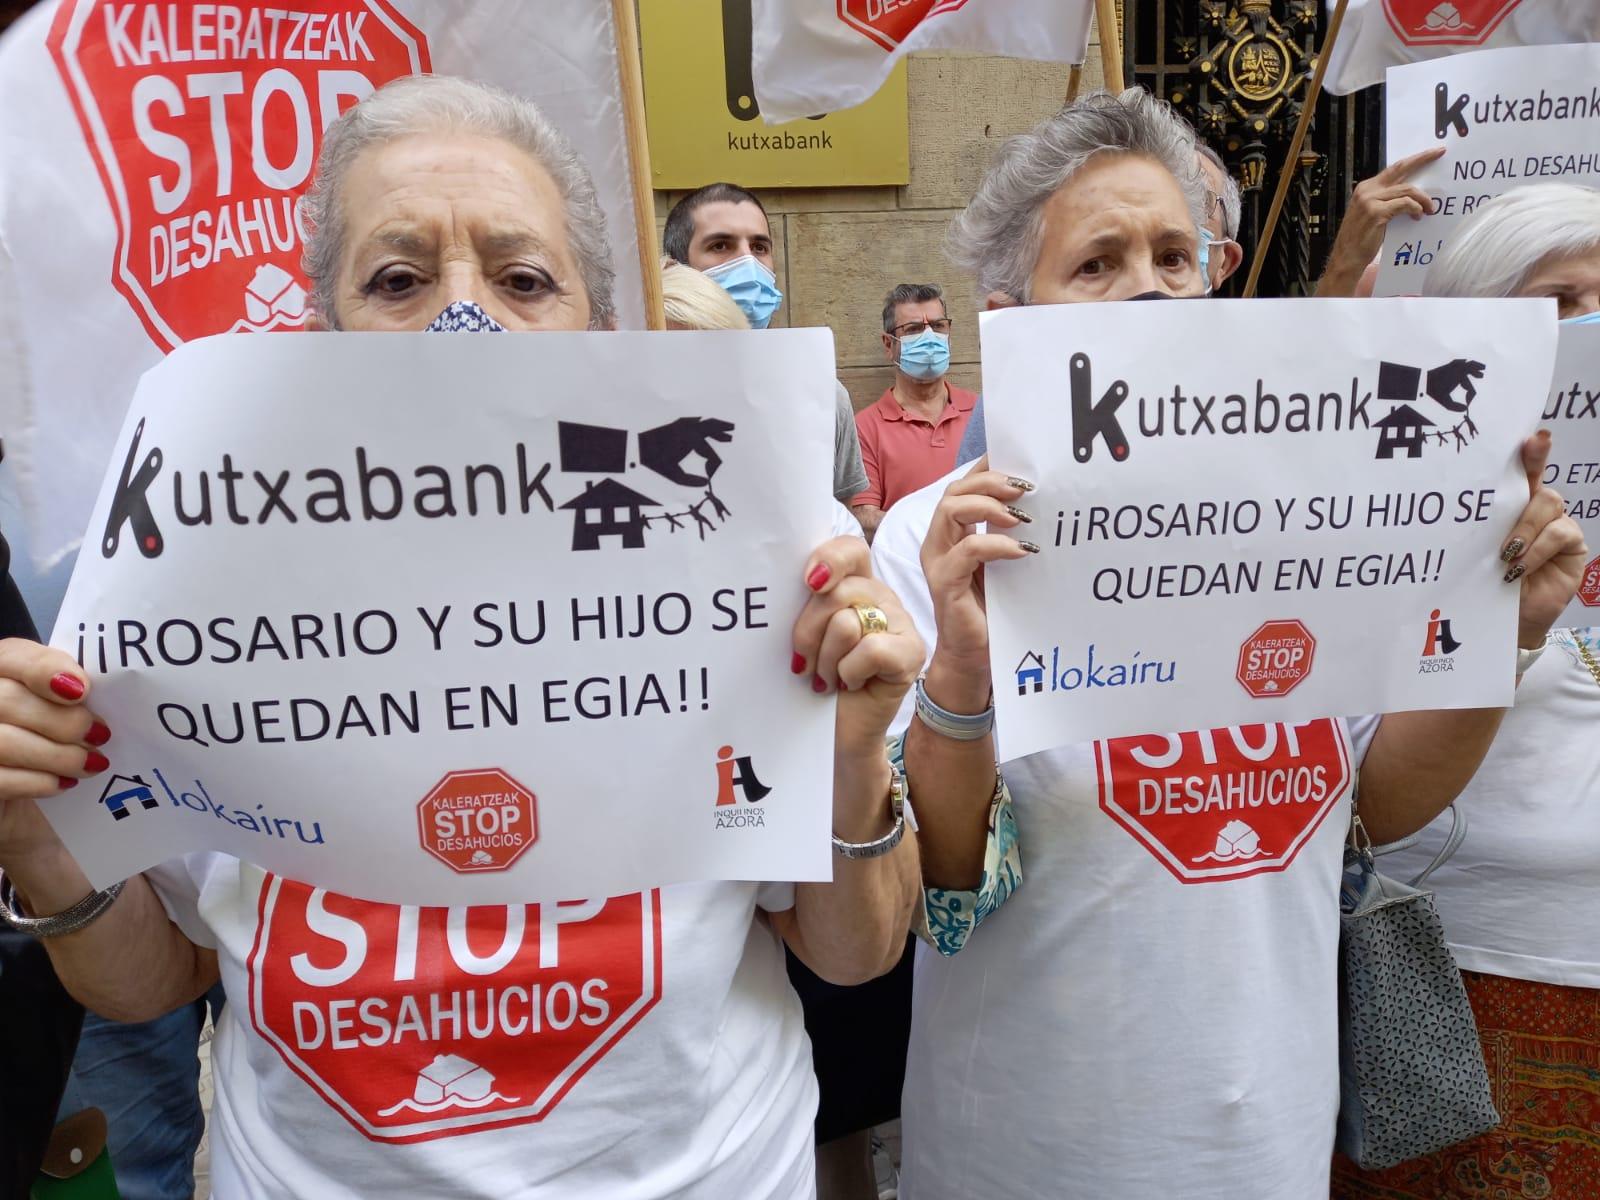 """IMG 20210621 WA0004 - Rosario y su hijo tienen """"la esperanza"""" de no ser desahuciados el viernes de Aldakonea"""